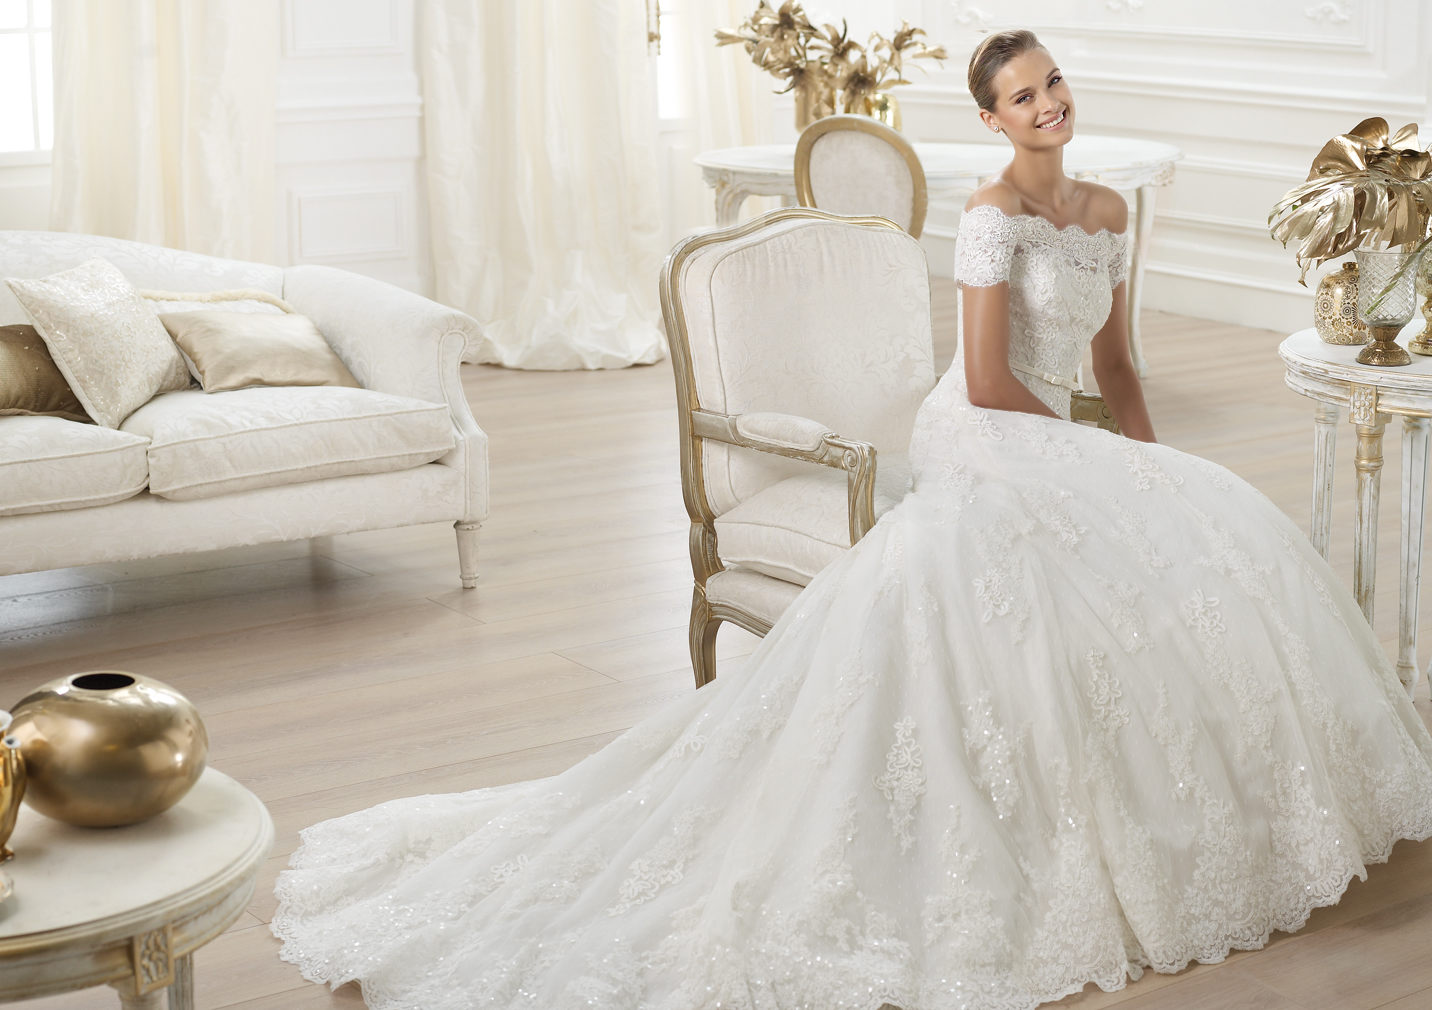 67cd527ca21a Sno stilen: kopiera prinsessan Madeleine!